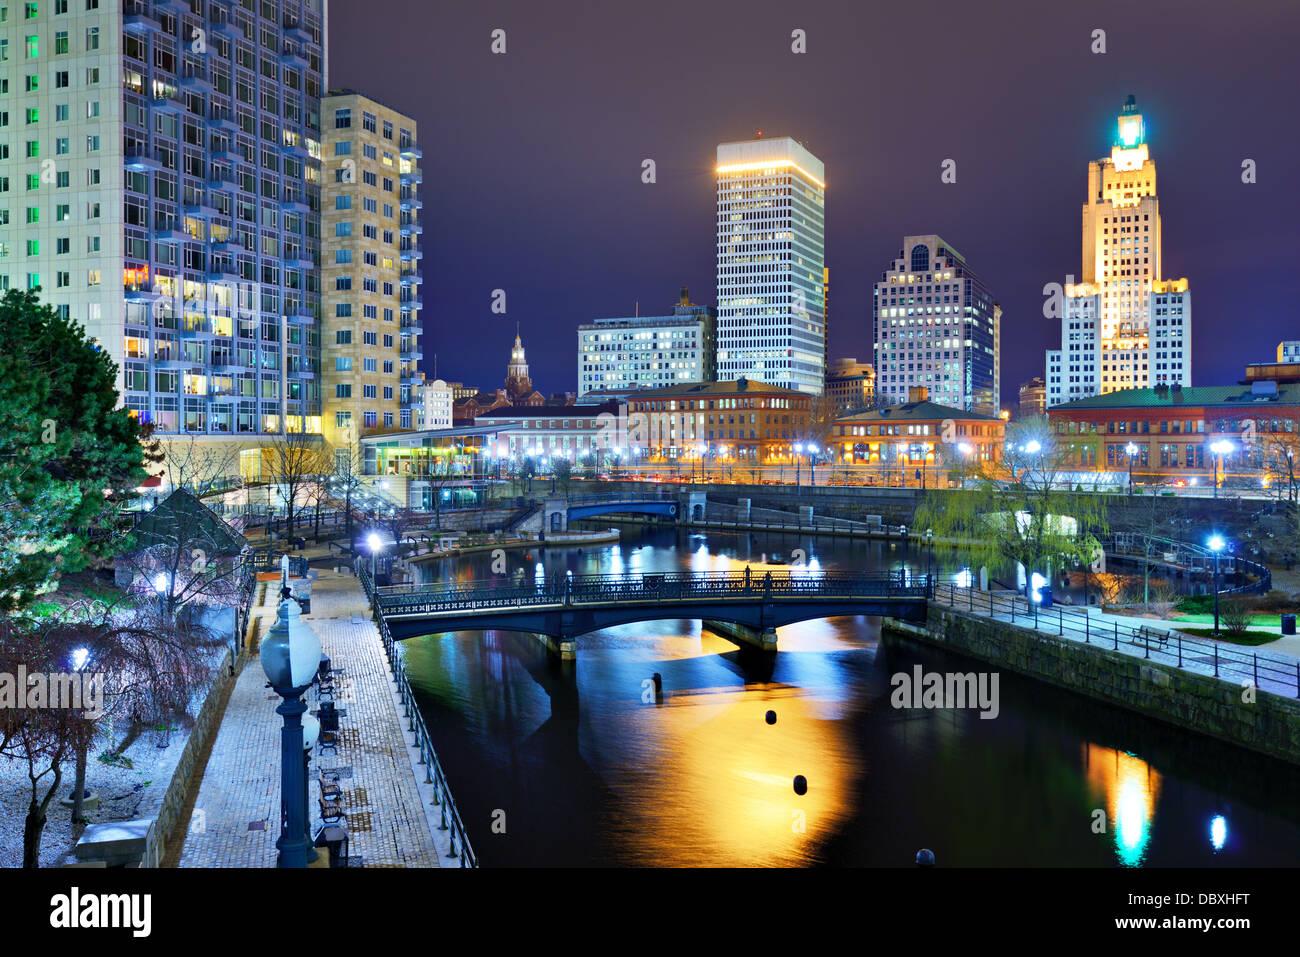 Die Innenstadt von Providence, Rhode Island, USA. Stockbild